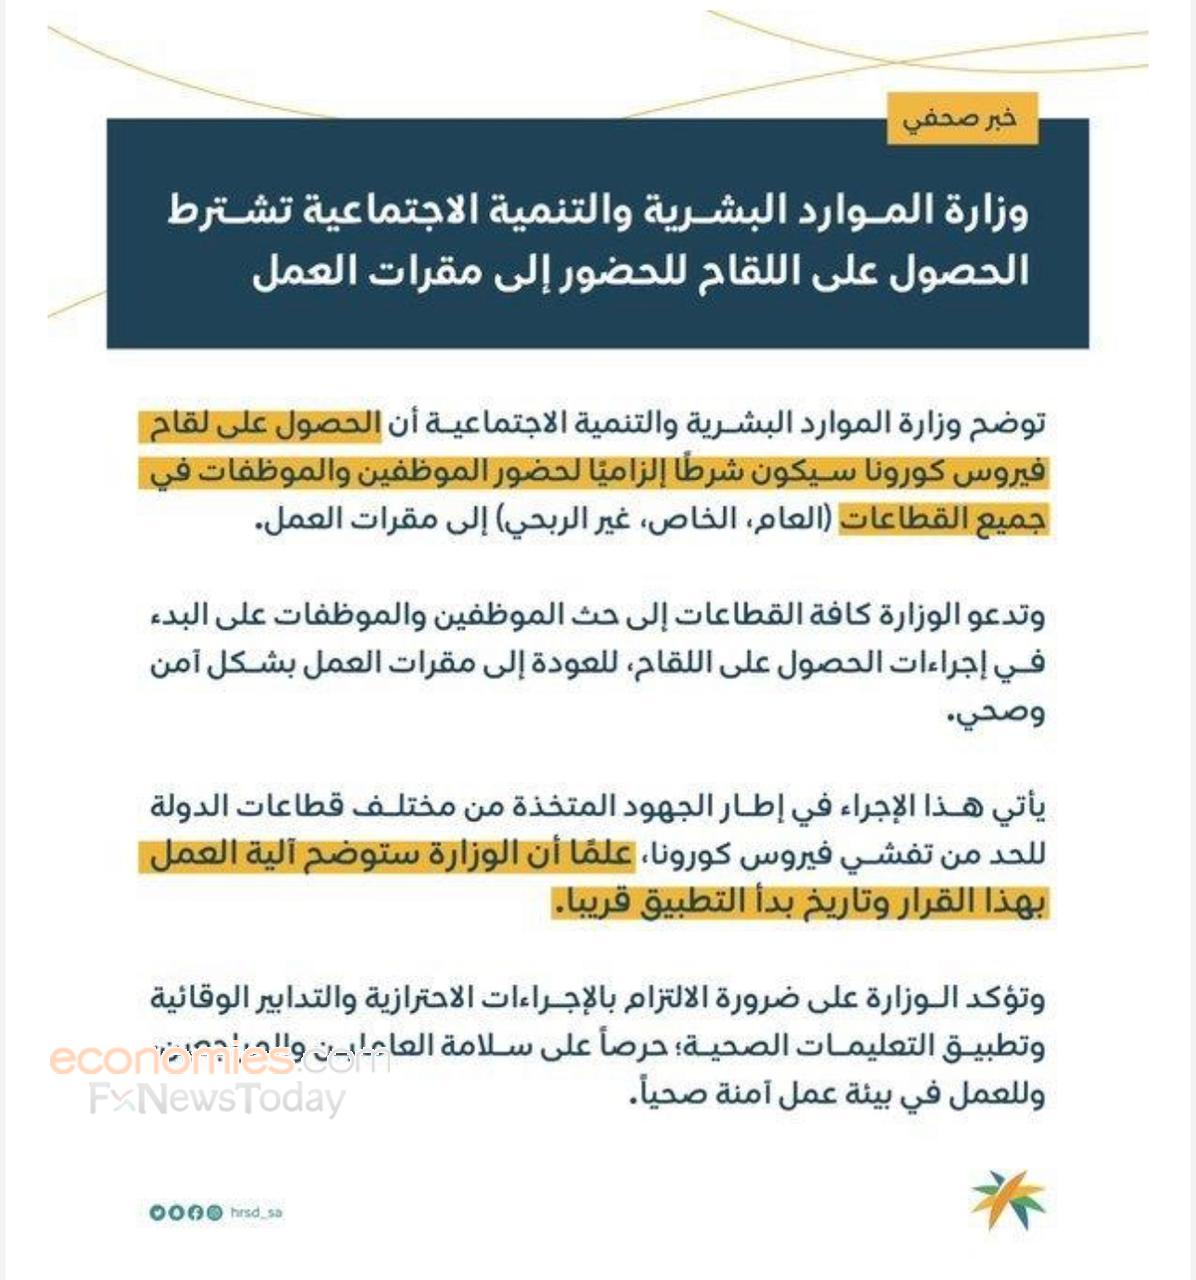 """""""الموارد البشرية"""" السعودية تشترط تلقي لقاح كورونا للحضور لمقرات العمل"""